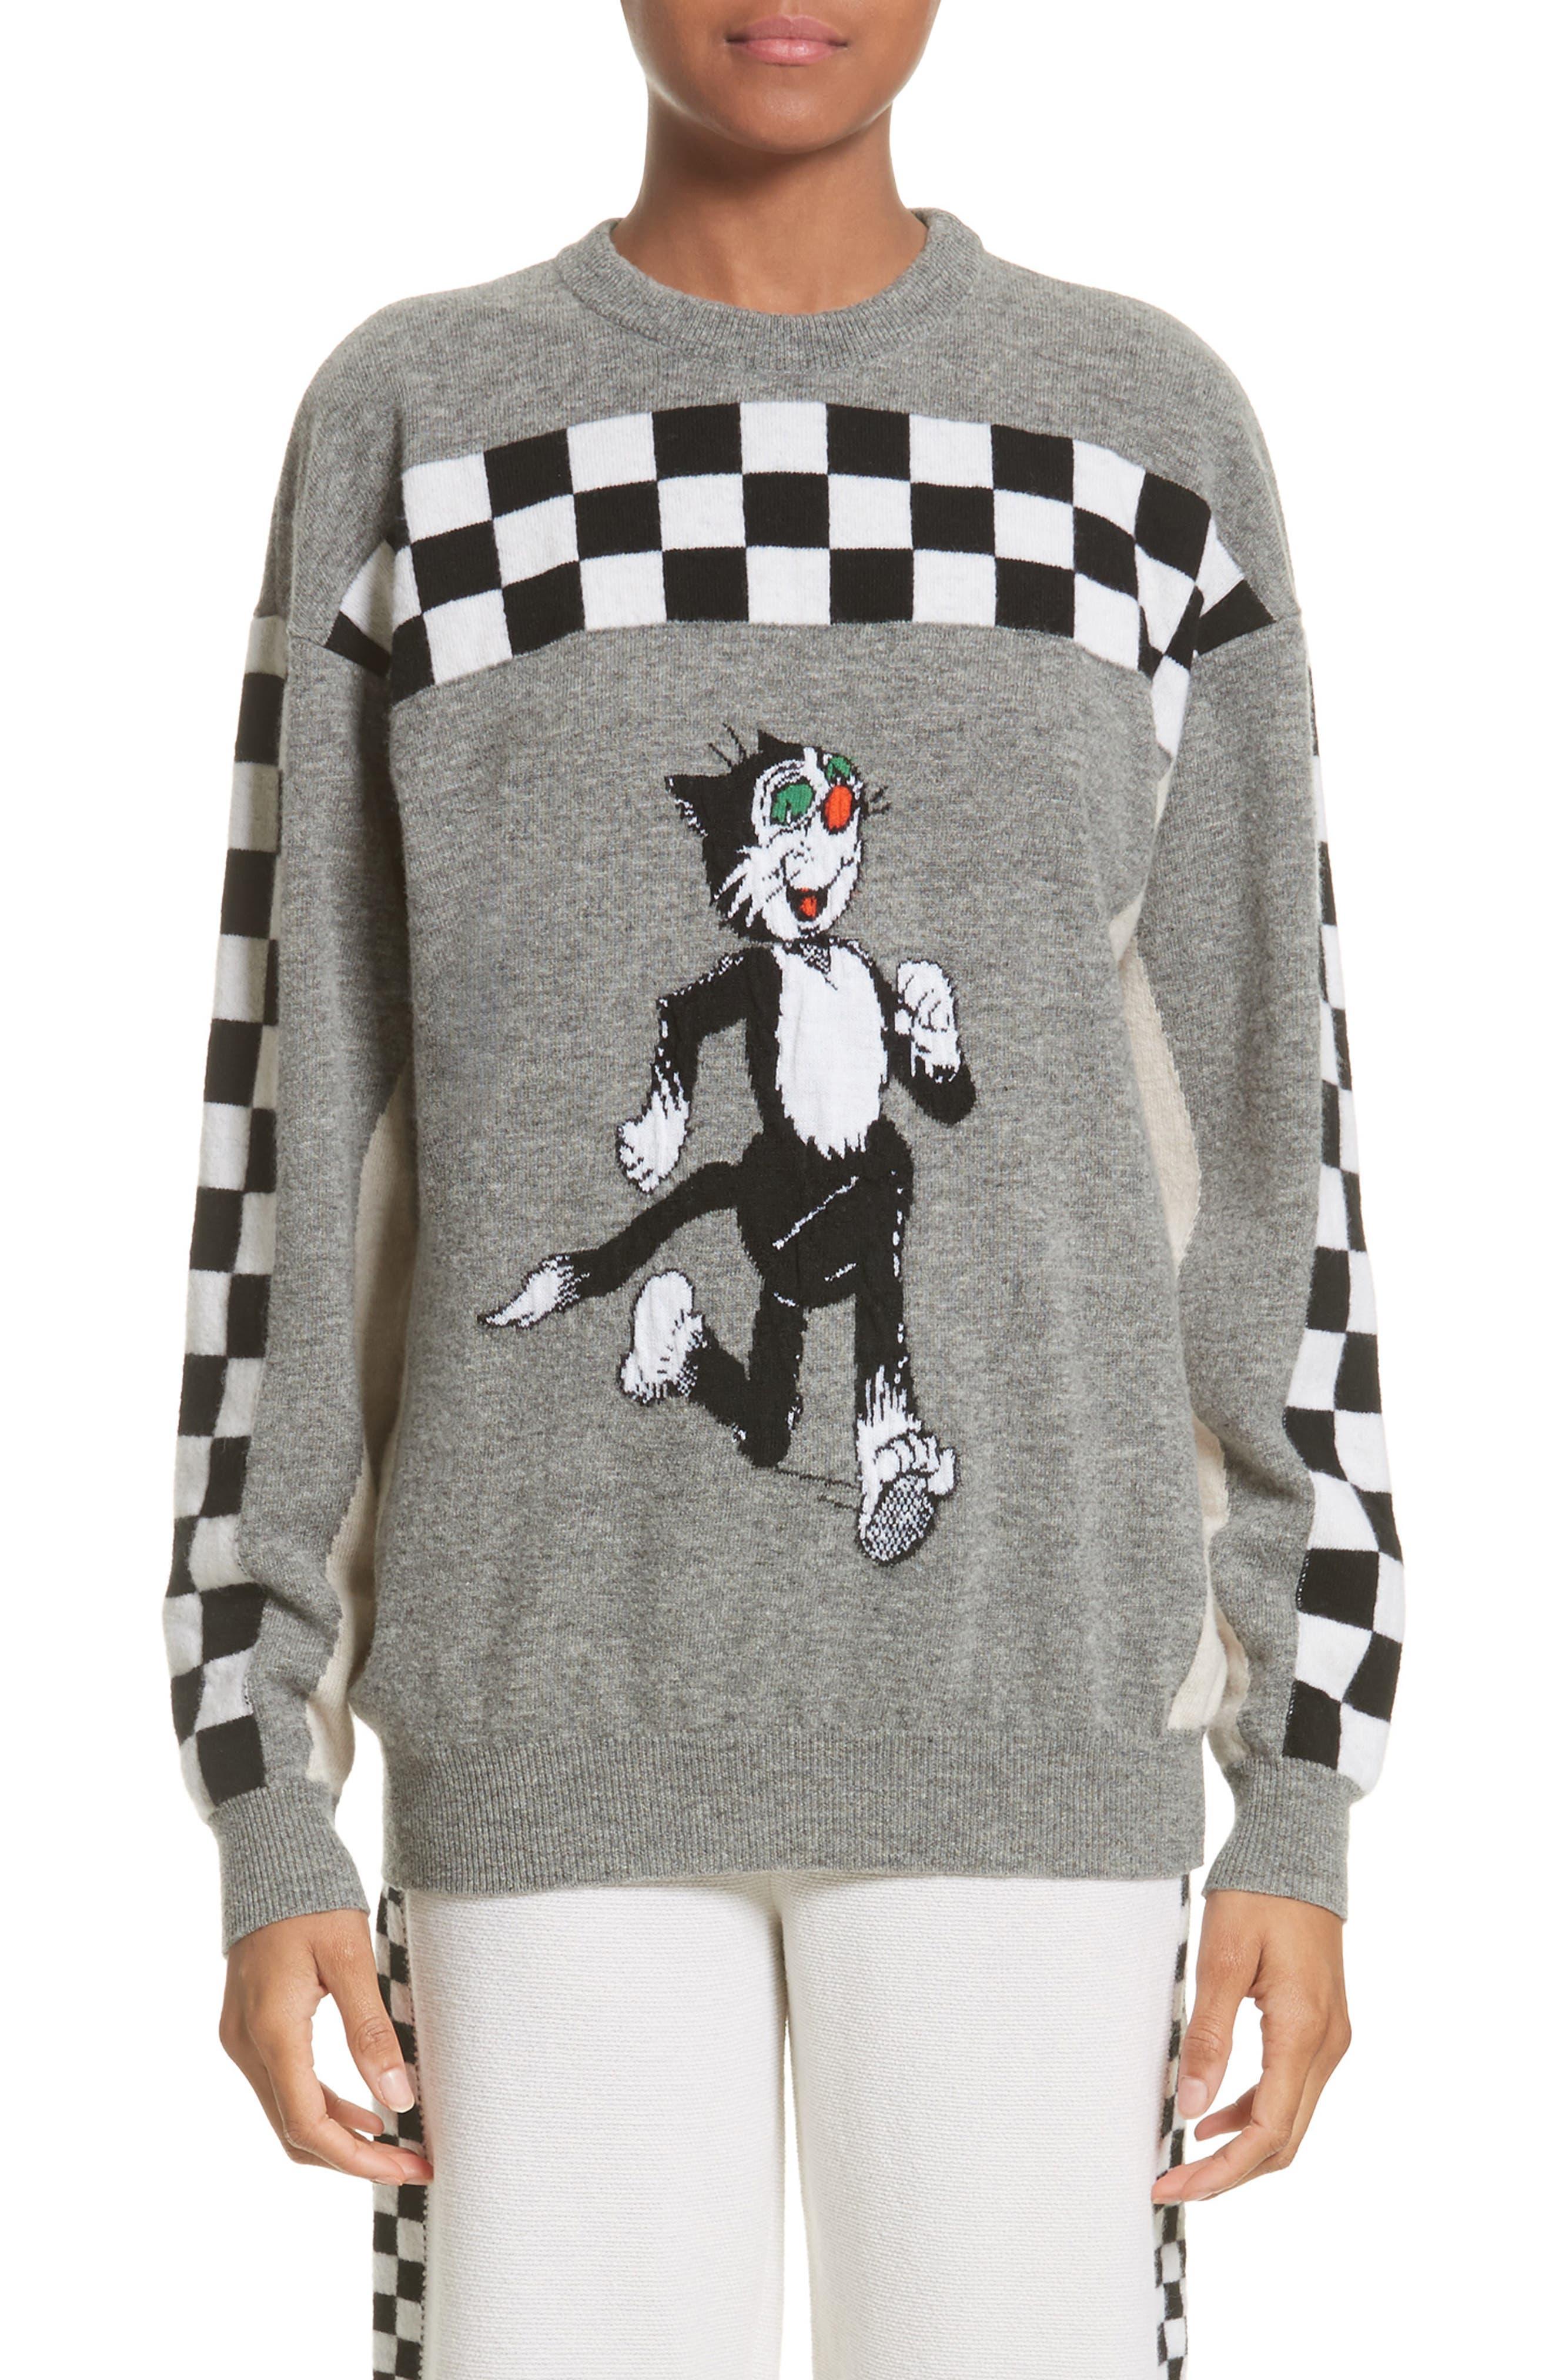 Stella McCartney Korky the Cat Check Wool Sweater